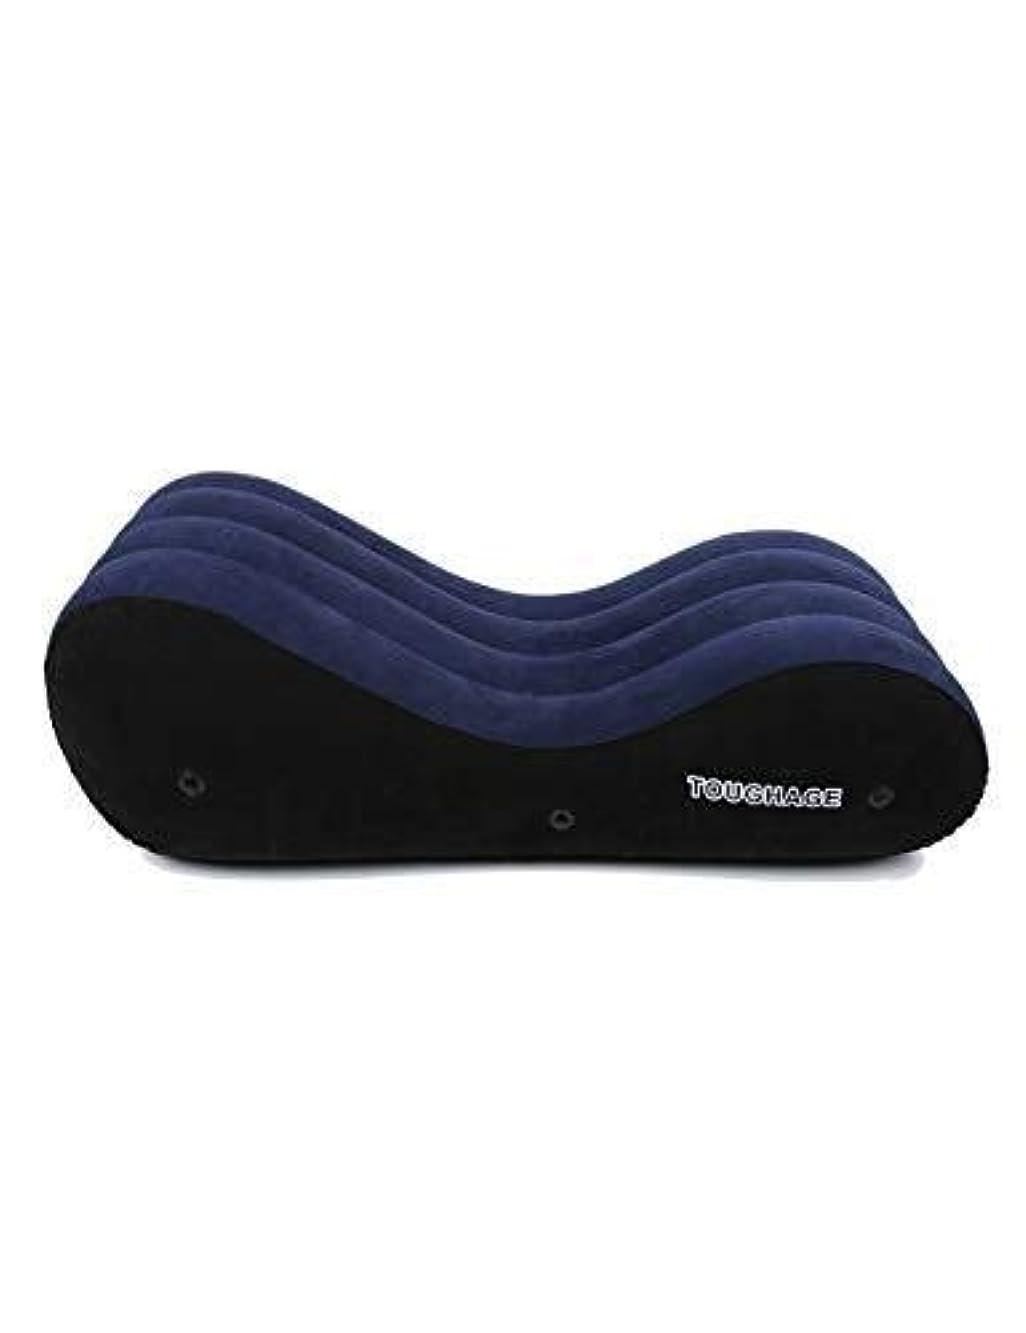 スキャン円周どこKGJJHYBGTOY 膨脹可能な多機能のソファー、カップルの位置のための携帯用魔法のクッションボディ枕膨脹可能な家具のラウンジャー RELAX MASSAGE BODY